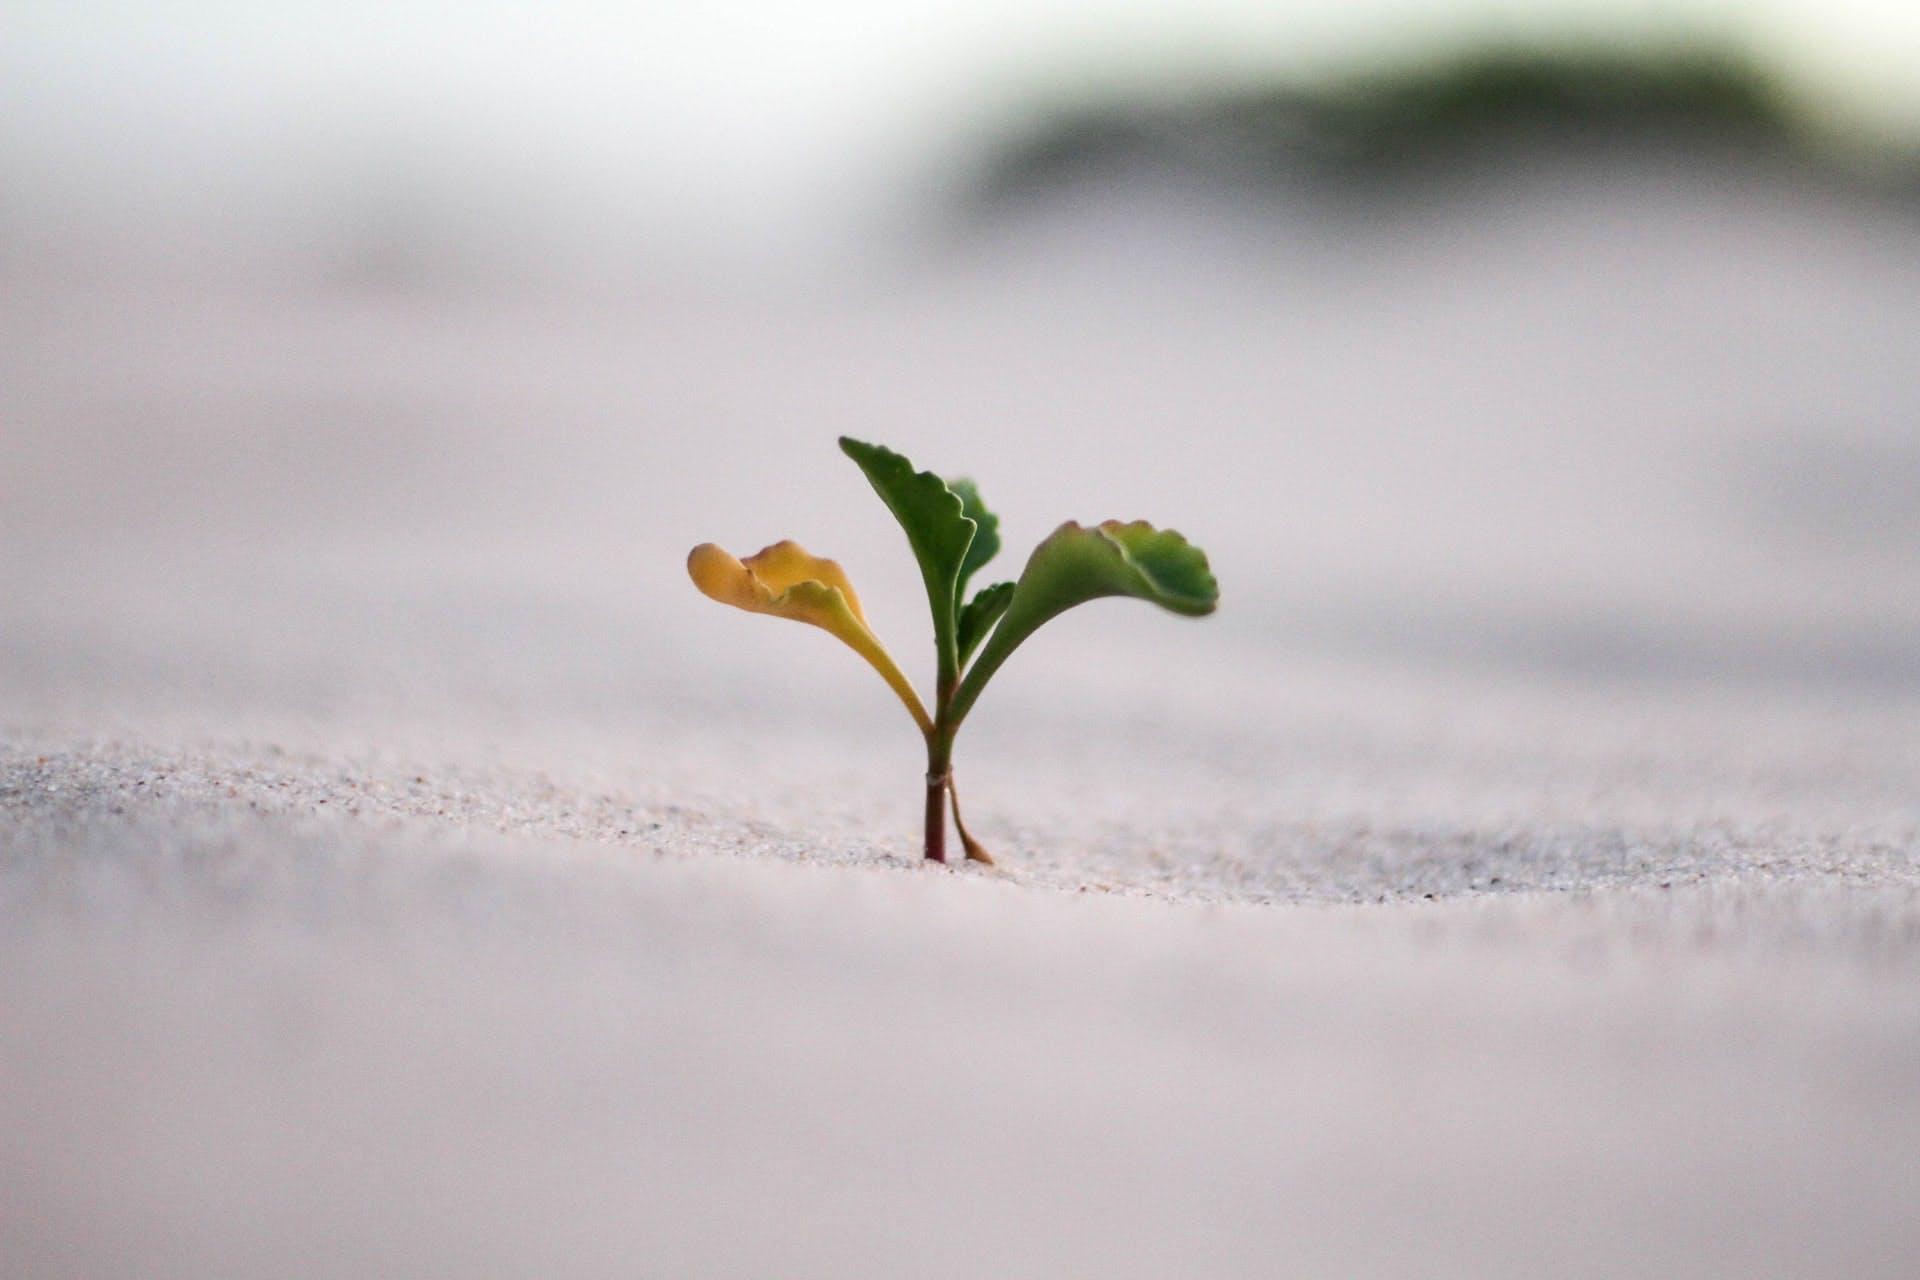 Crescimento de uma planta